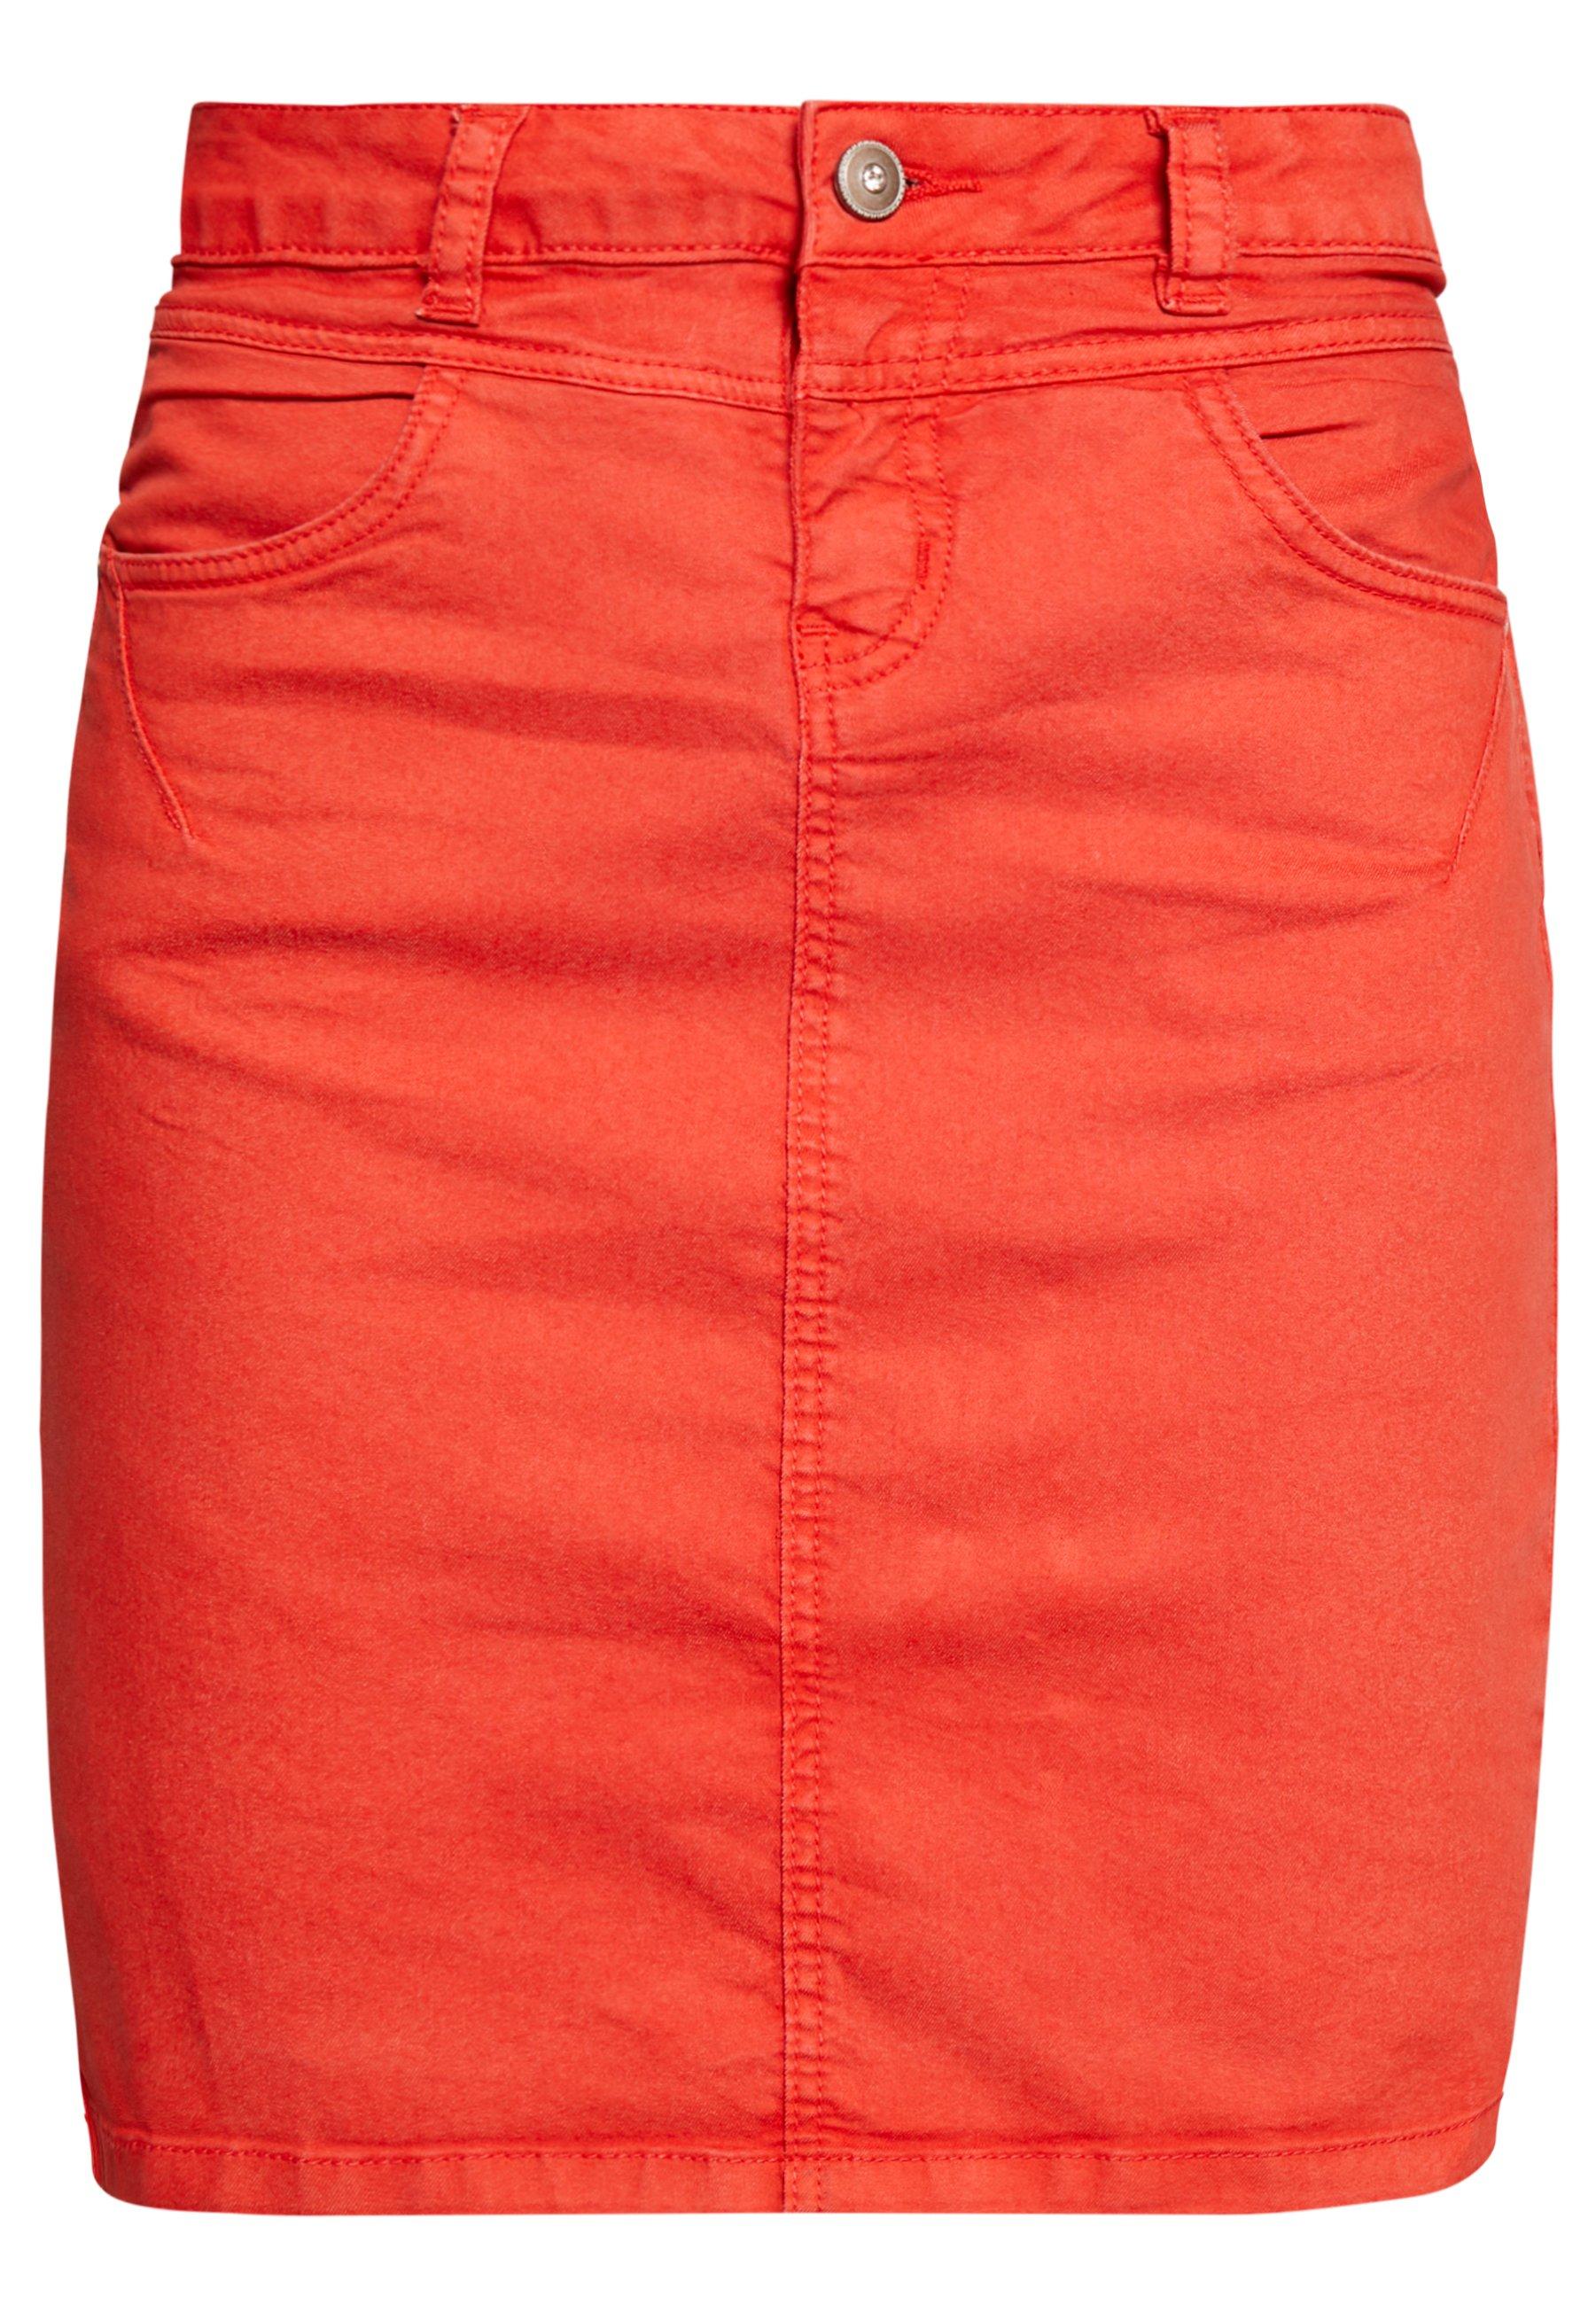 Cream AMALIE SKIRT - Spódnica ołówkowa  - aurora red